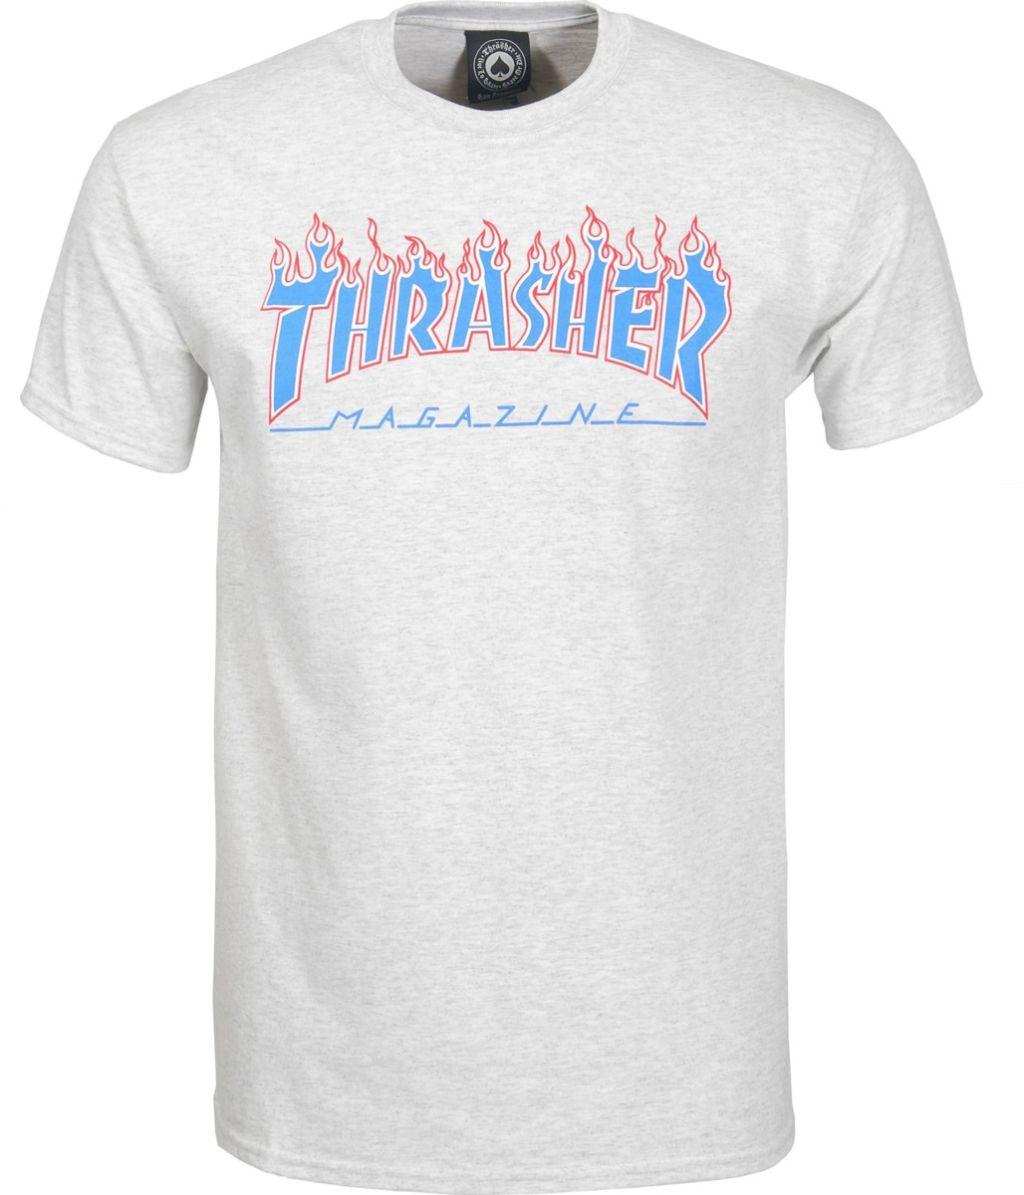 e2600c5b27e1 Pánské tričko Thrasher Patriot ash gray z kategorie Pánská skate trička.